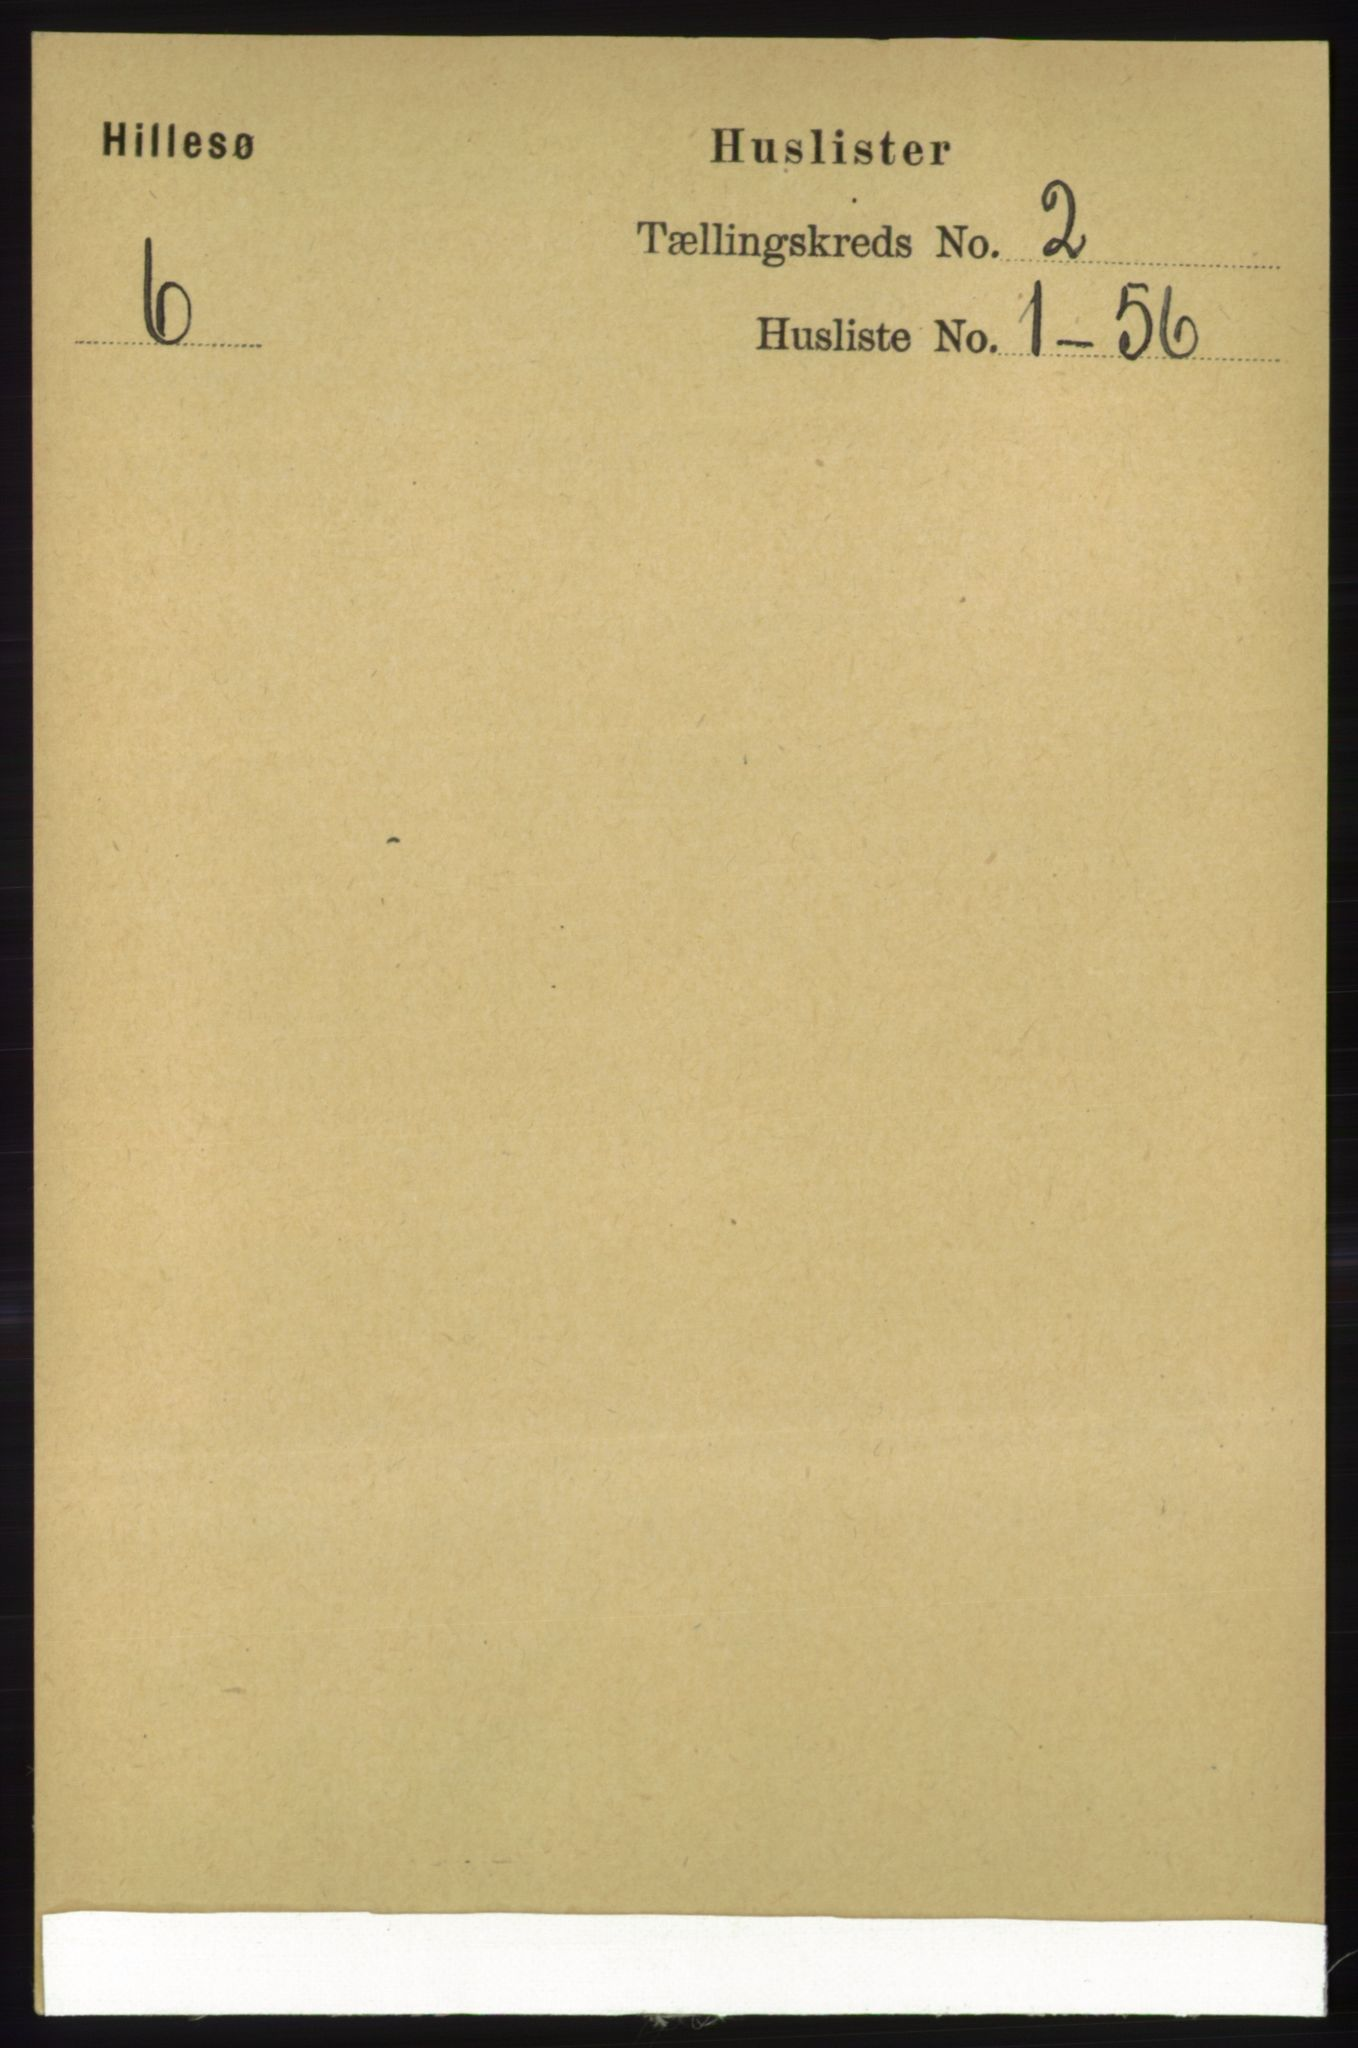 RA, Folketelling 1891 for 1930 Hillesøy herred, 1891, s. 569